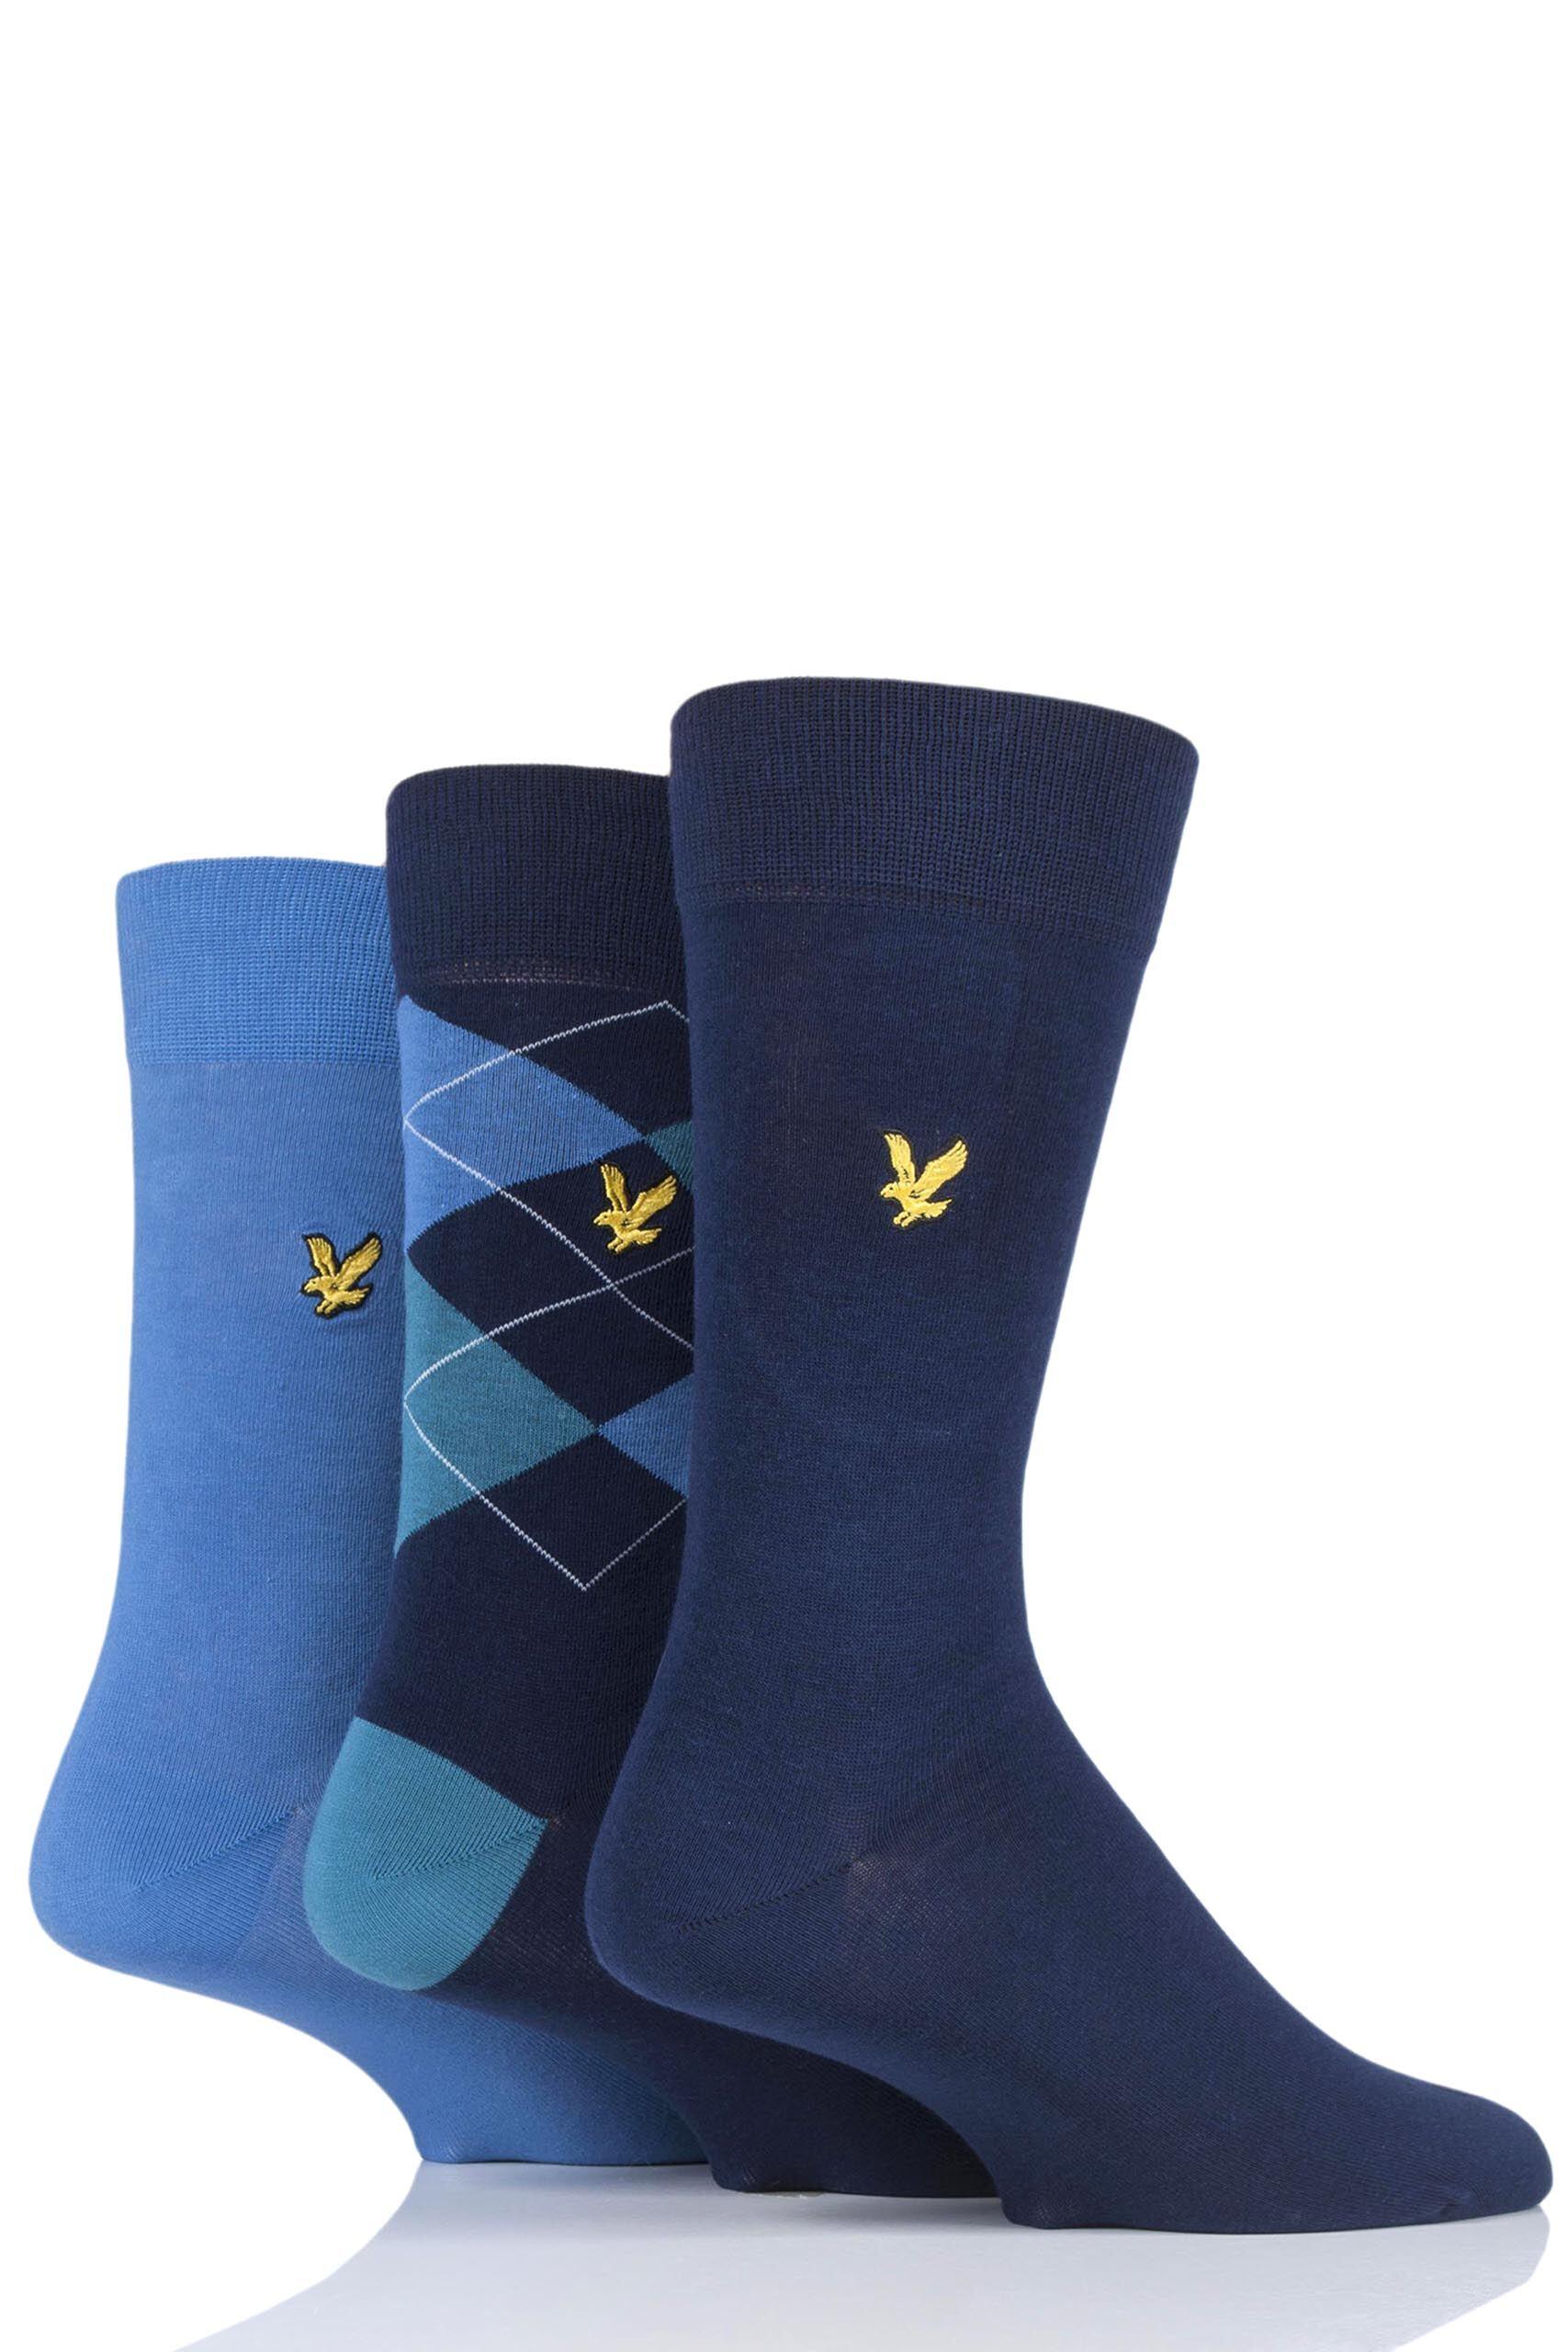 Image of 3 Pair Blue Hewie Argyle Cotton Socks Men's 7-11 Mens - Lyle & Scott